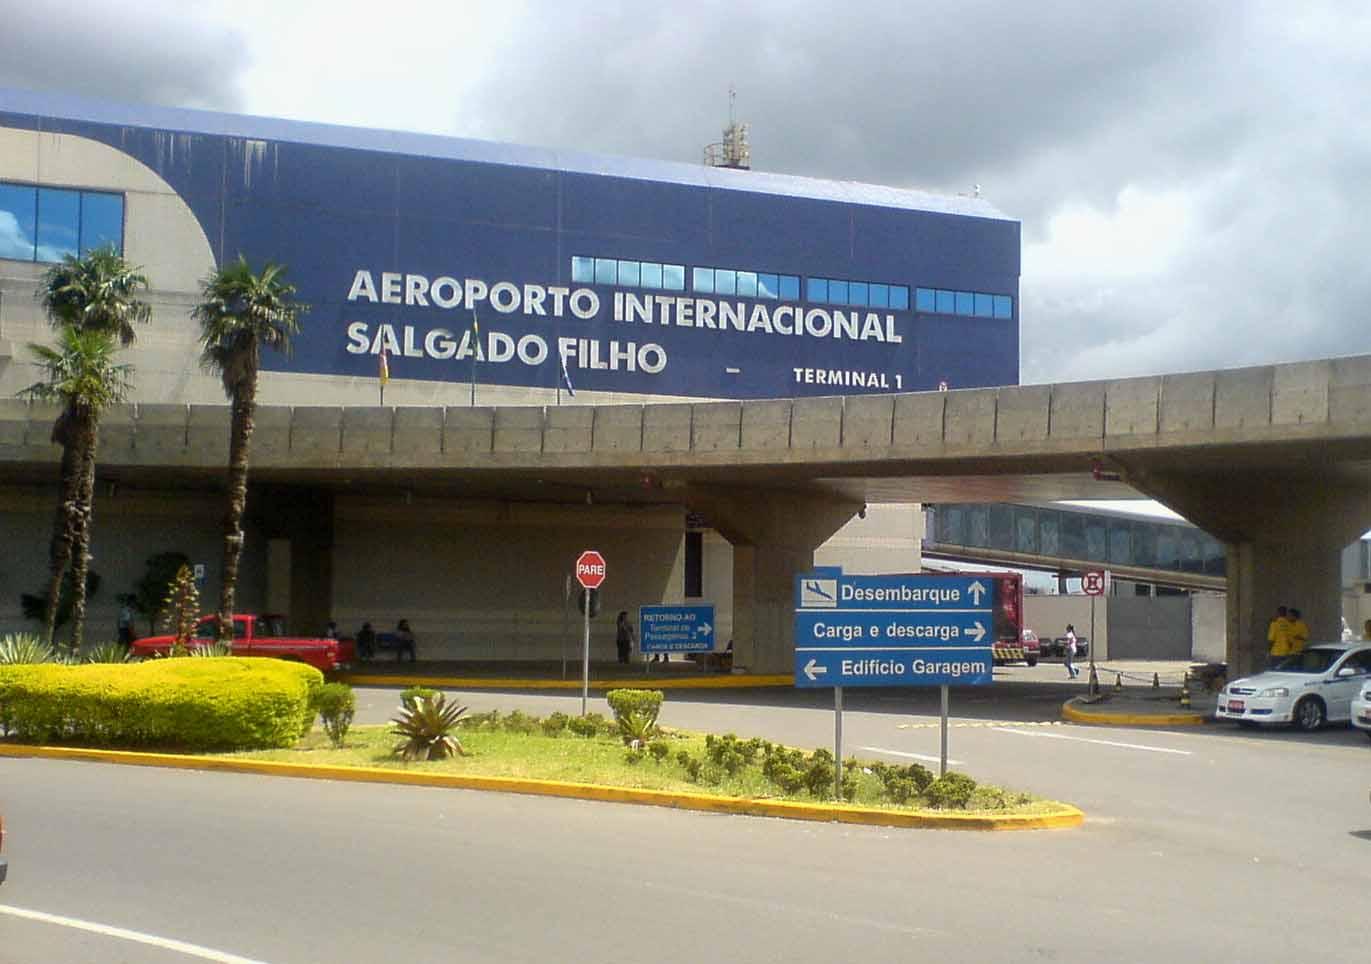 Aeroporto Internacional Salgado Filho Porto Alegre Rs Brasil : Aeroporto internacional salgado filho porto alegre rs